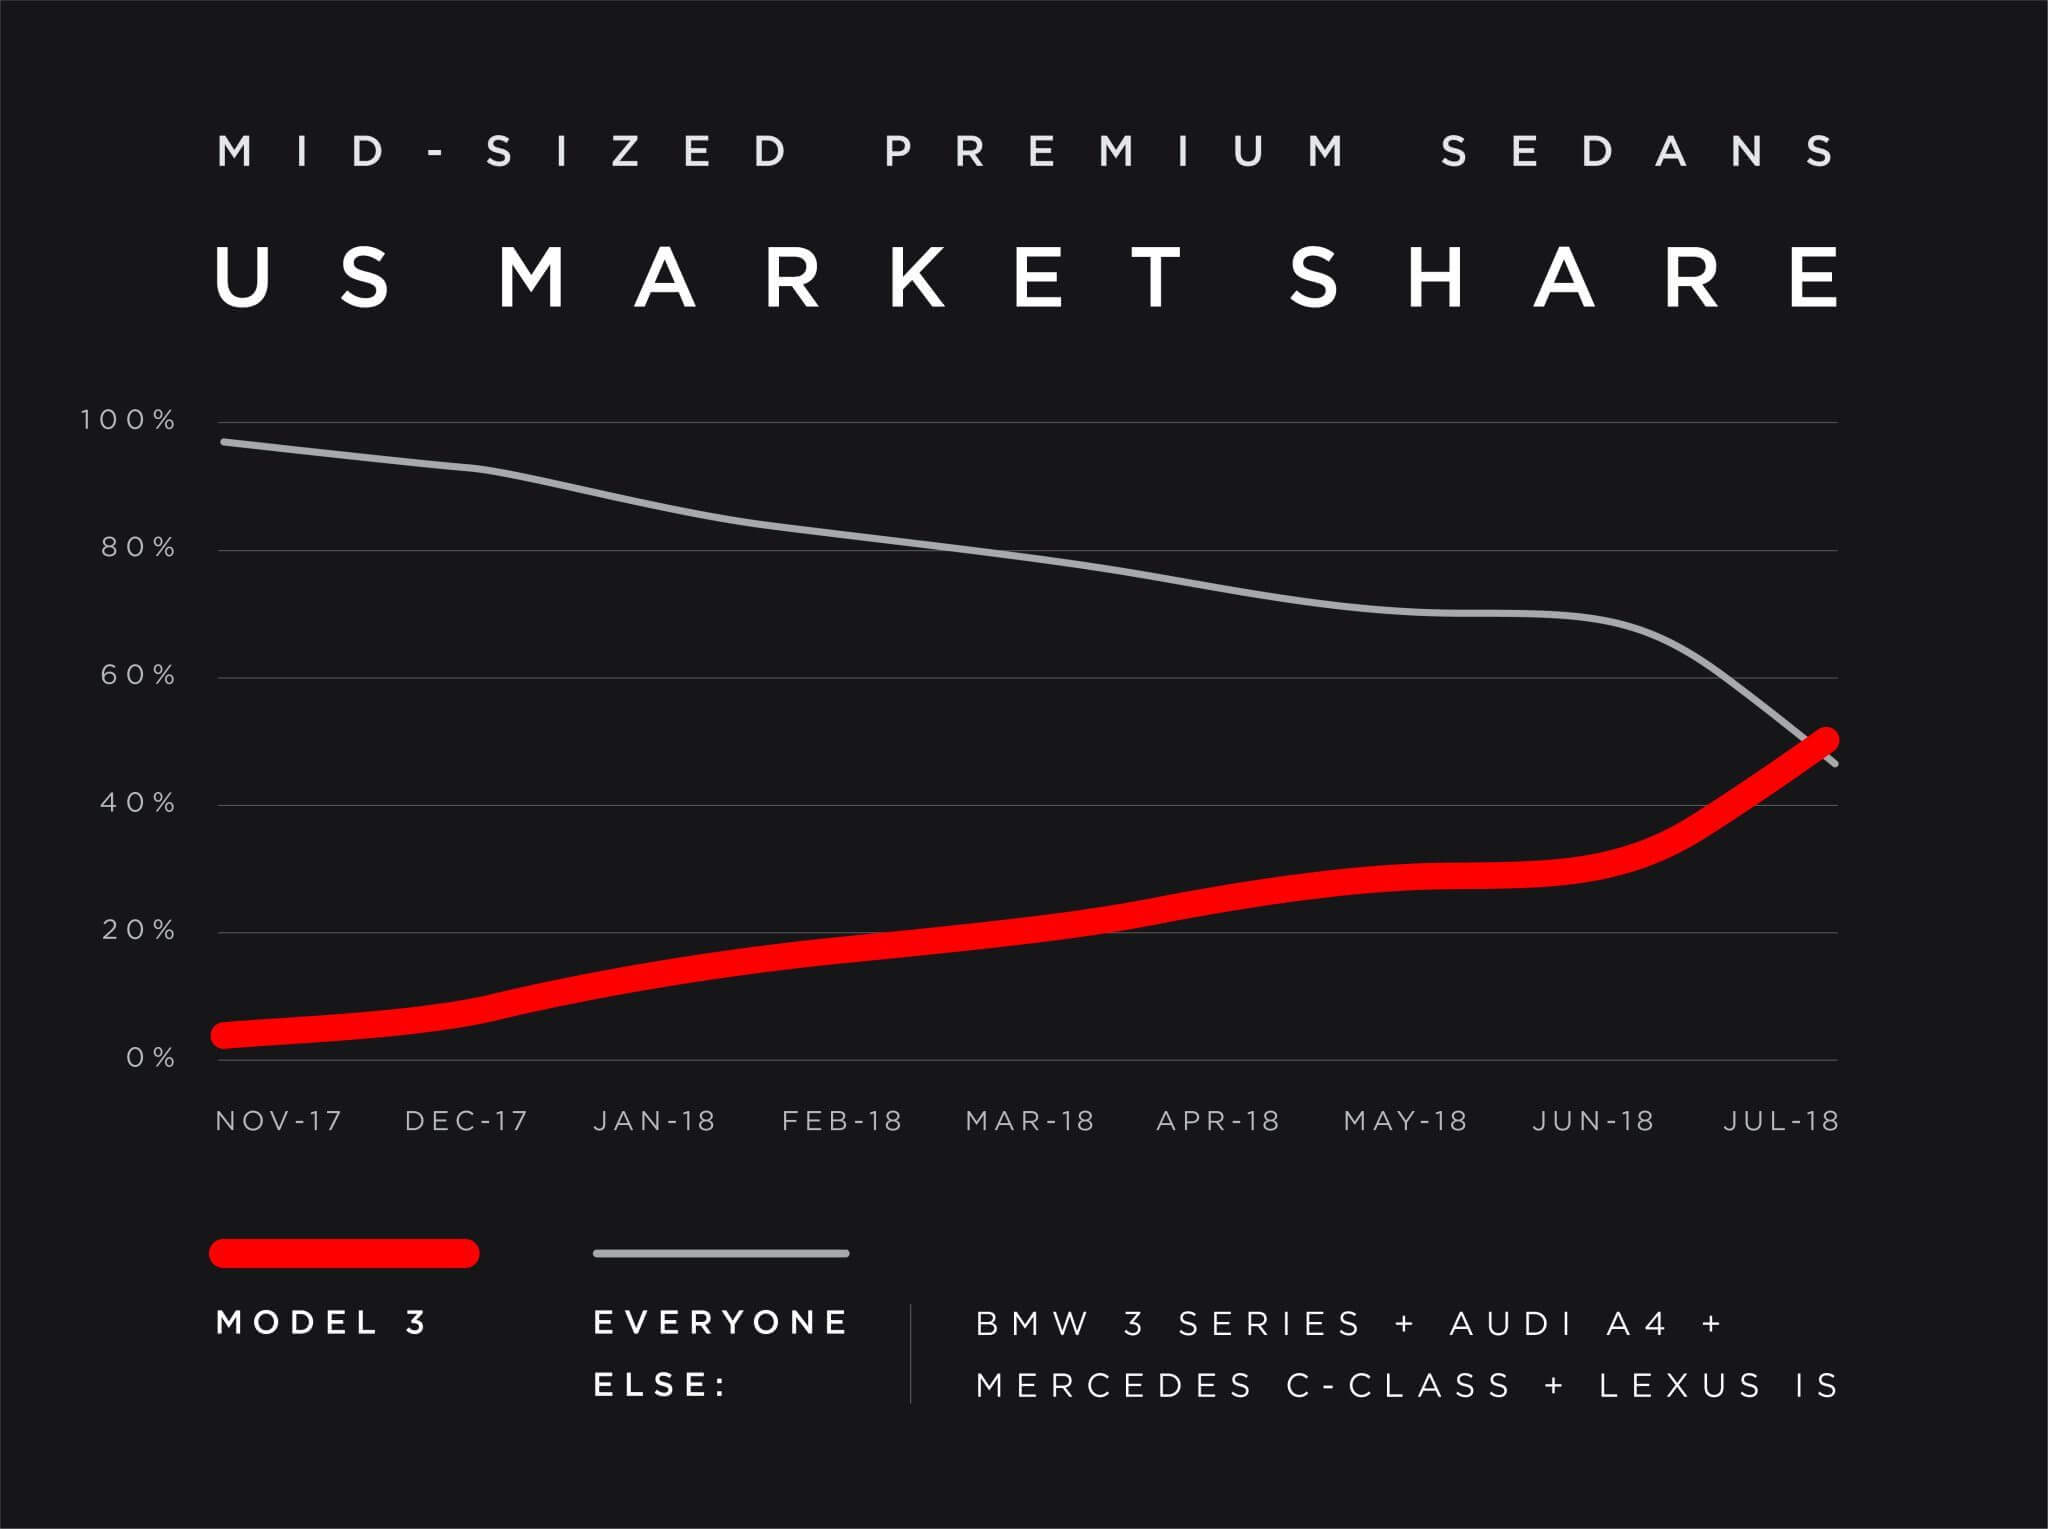 Сравнение продаж среднеразмерных премиум седанов иTesla Model 3